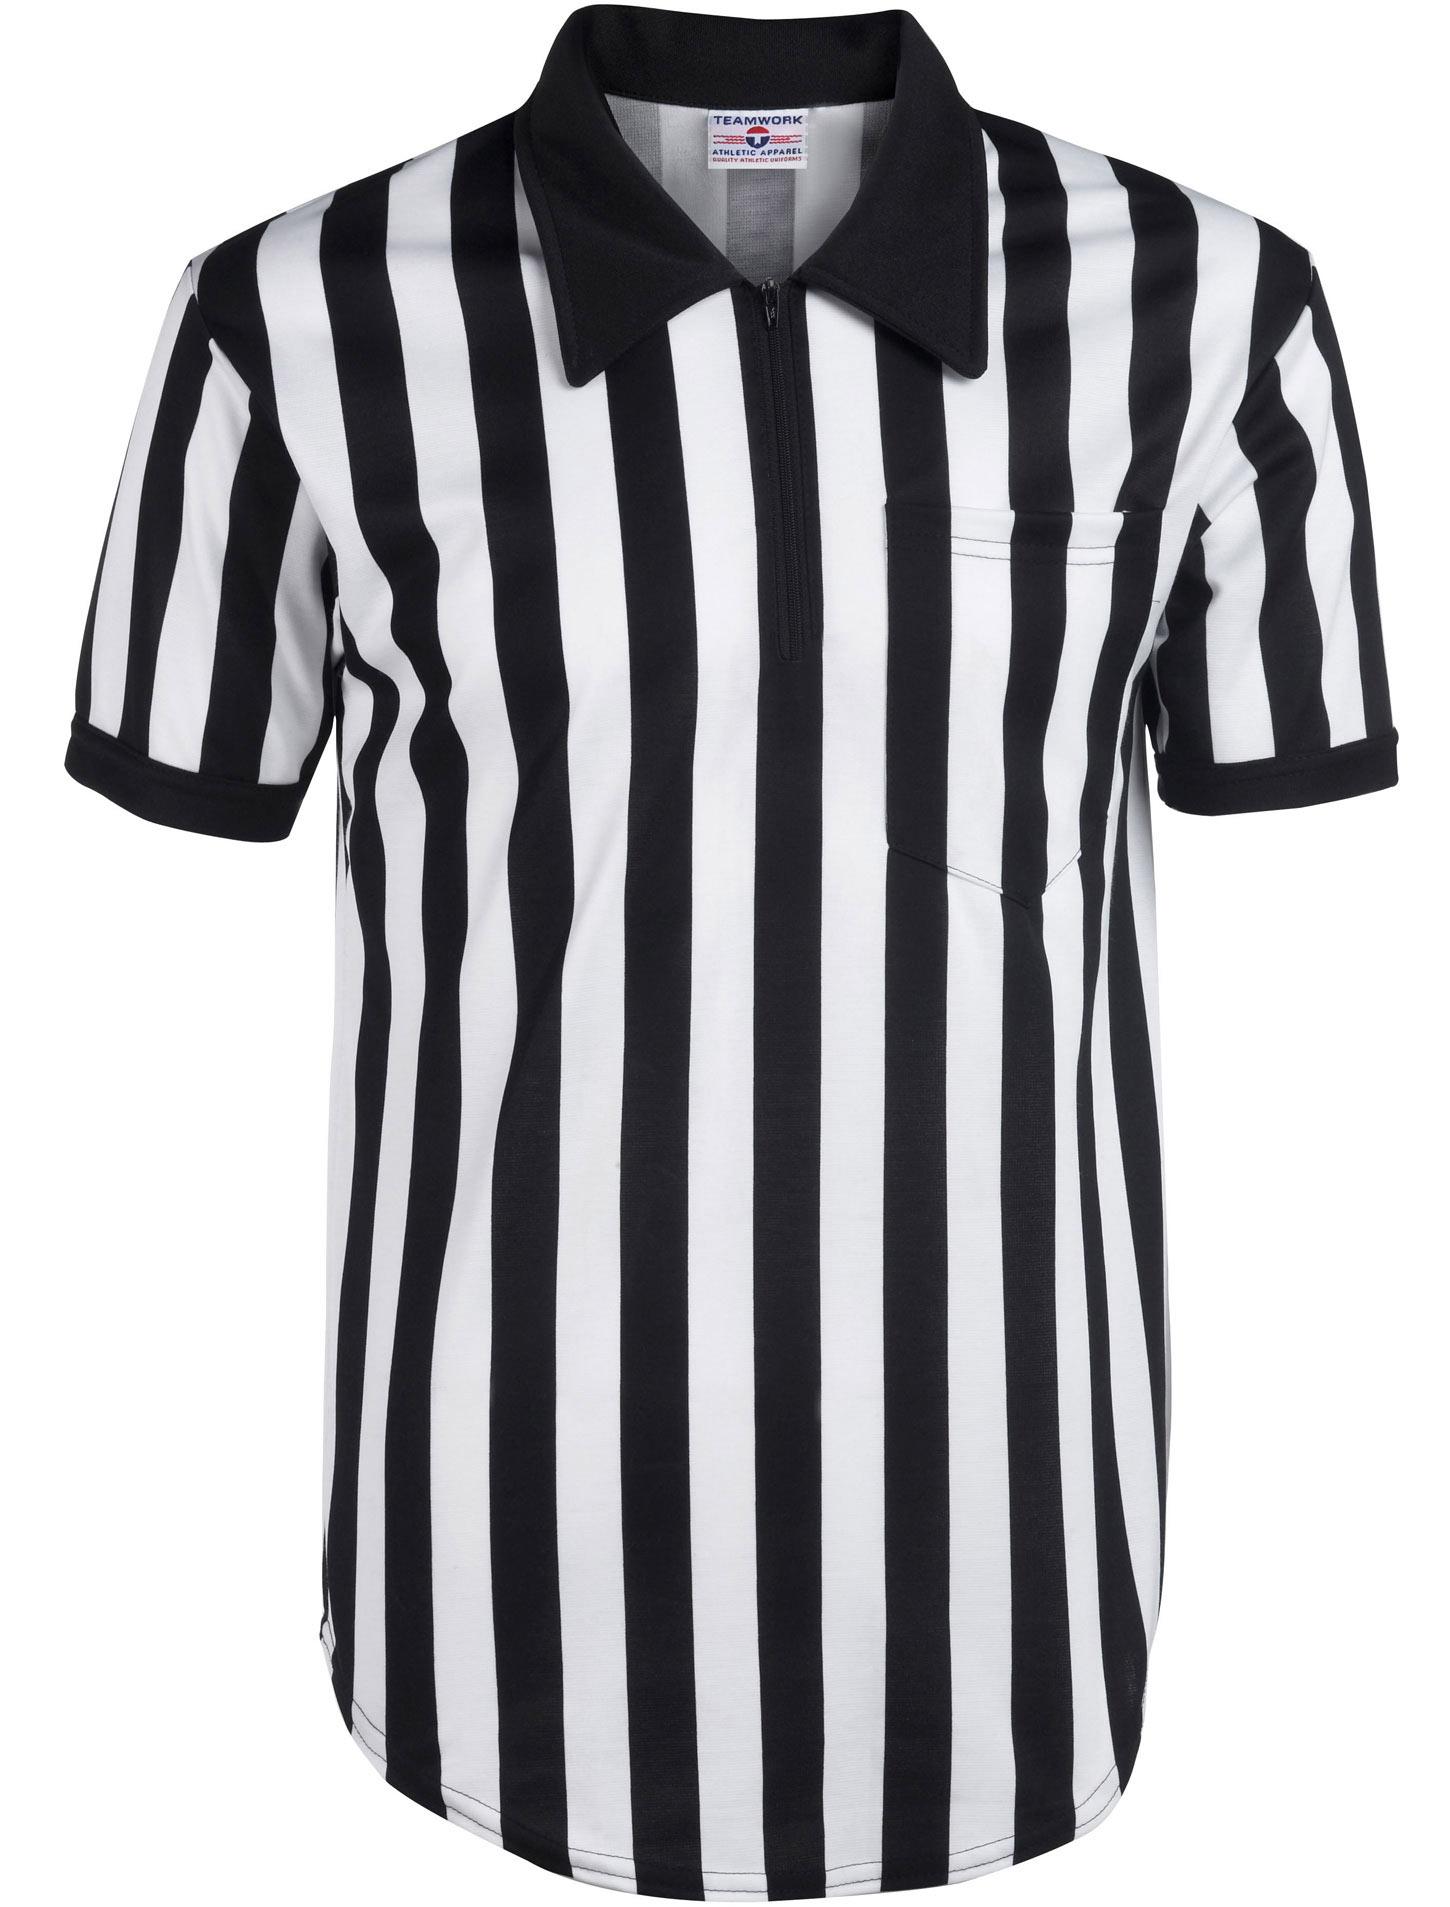 Shirt clipart ref #5